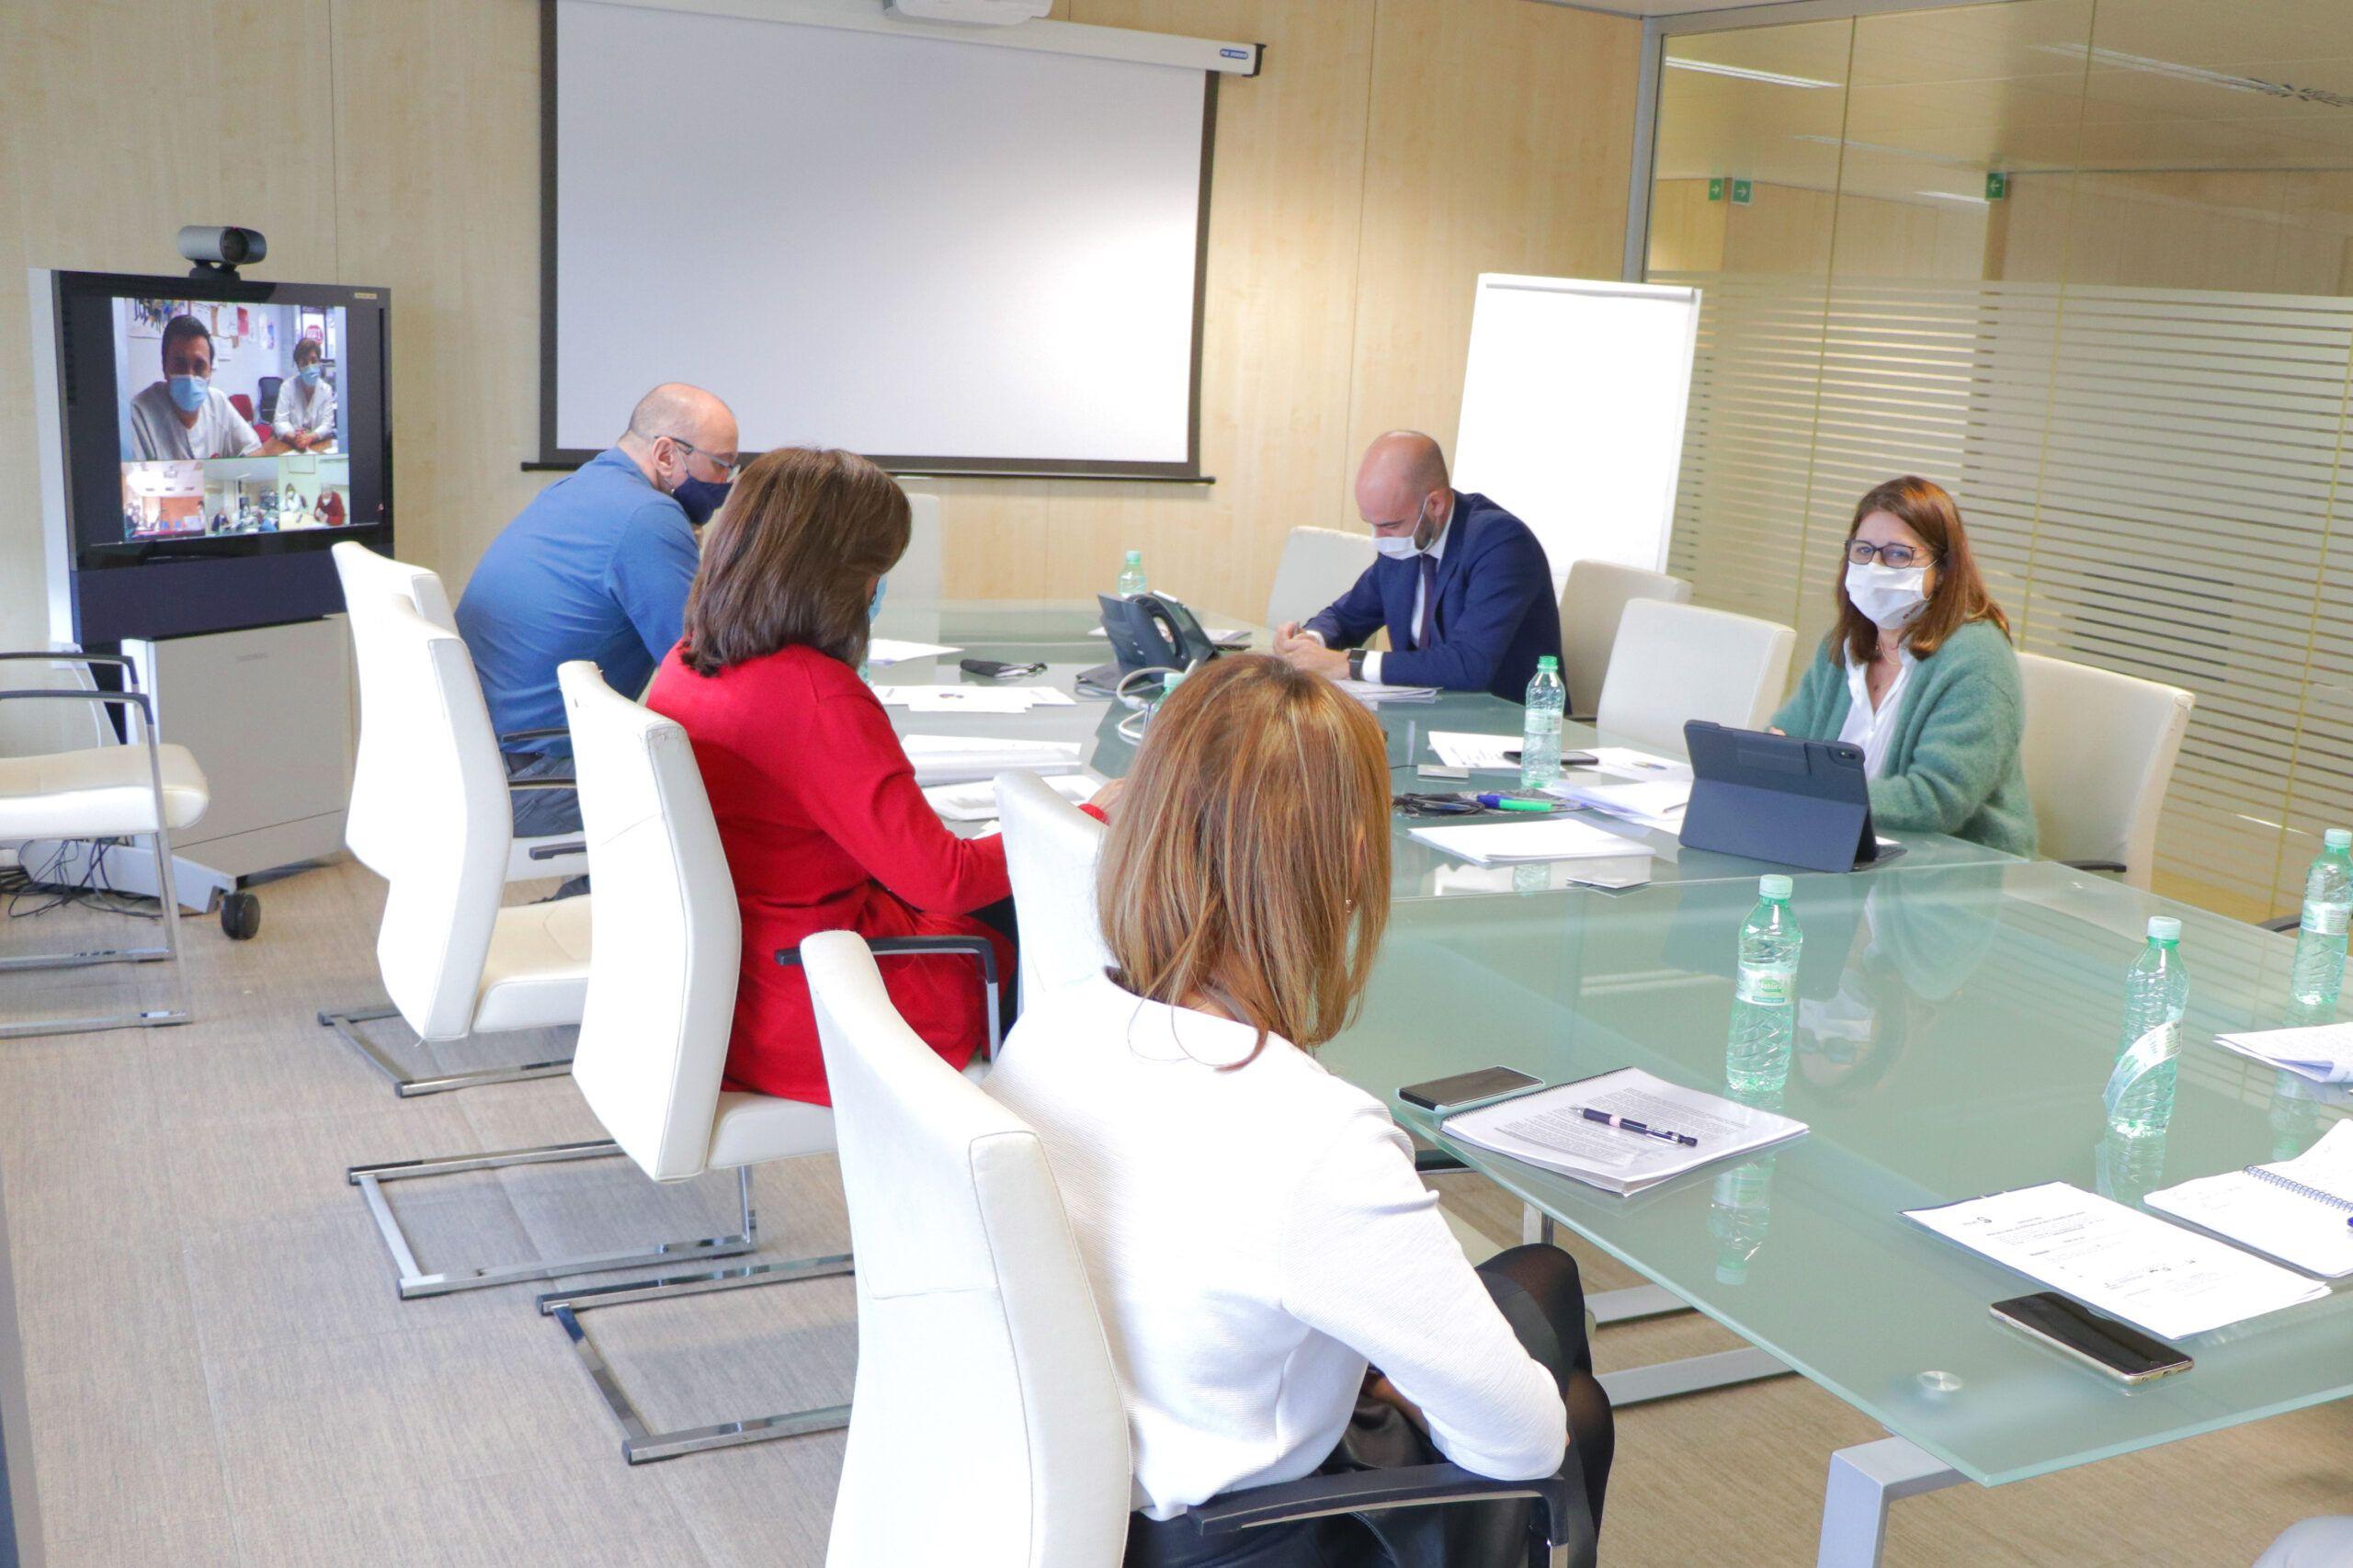 El Gobierno de Castilla-La Mancha ha aprobado en los últimos cinco años Ofertas Públicas de Empleo para el SESCAM con cerca de 6.000 plazas